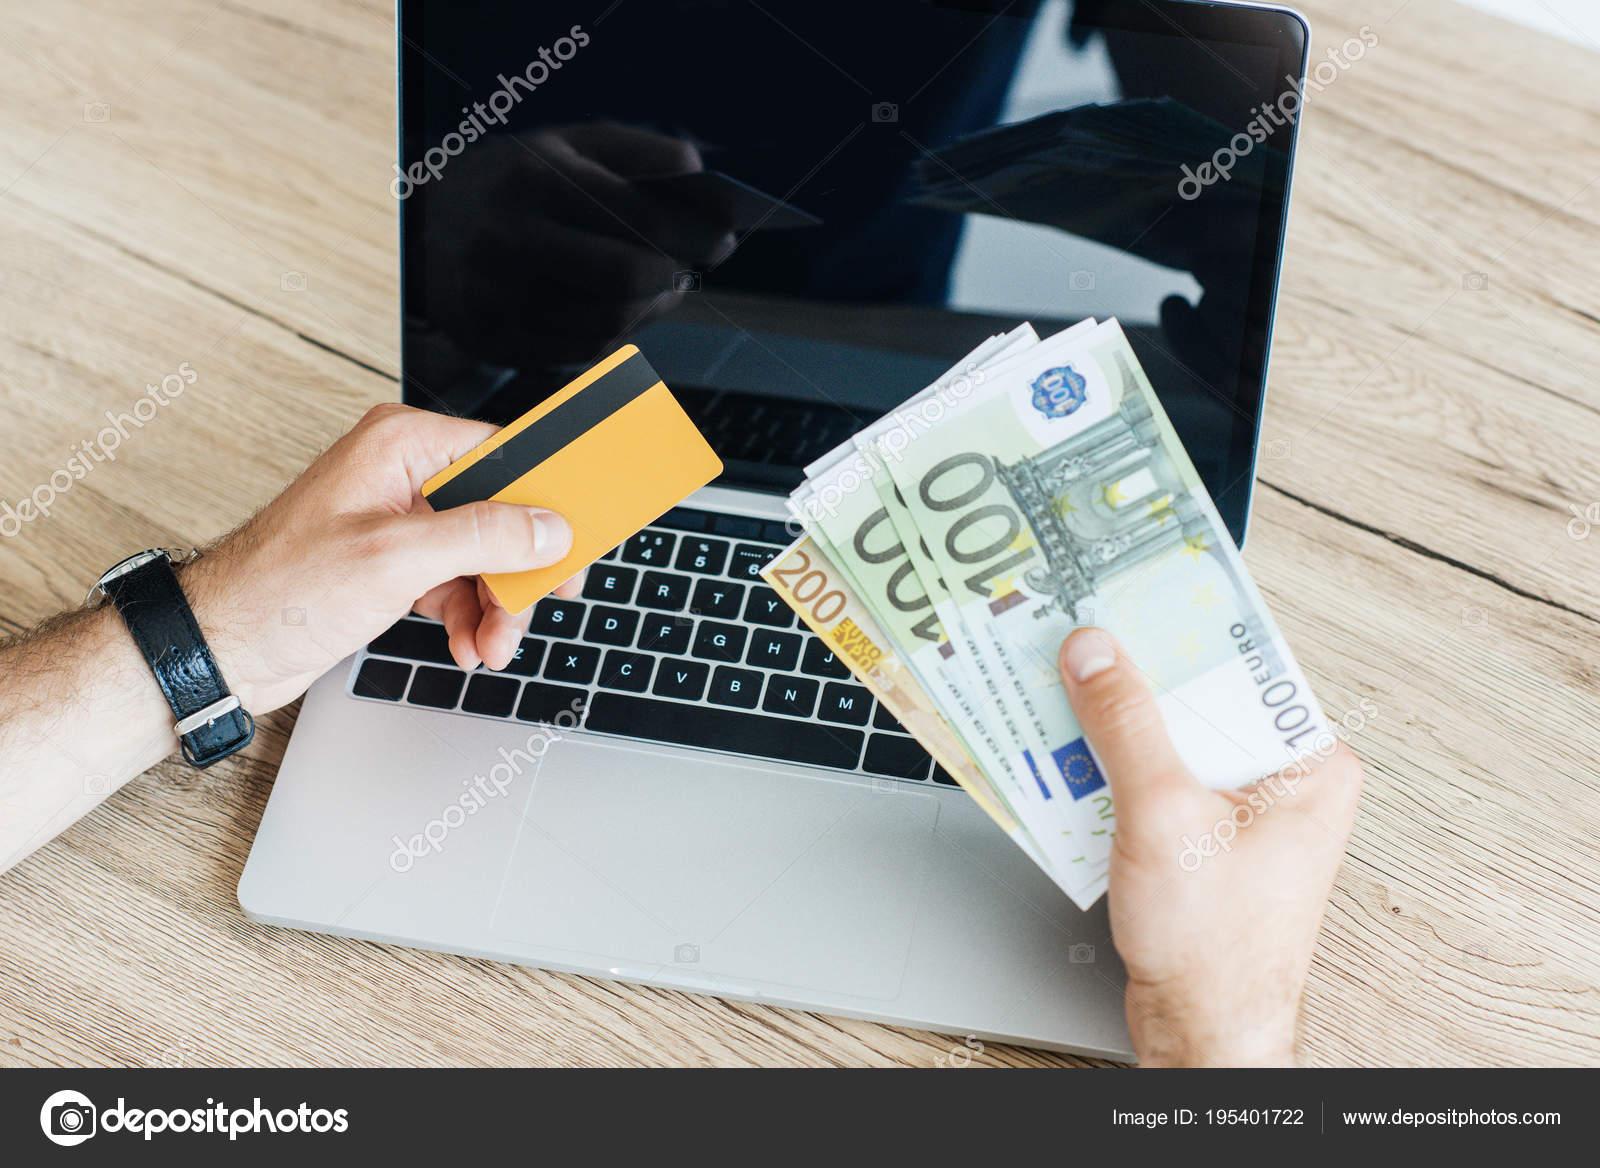 оформить онлайн займ на банковский счет